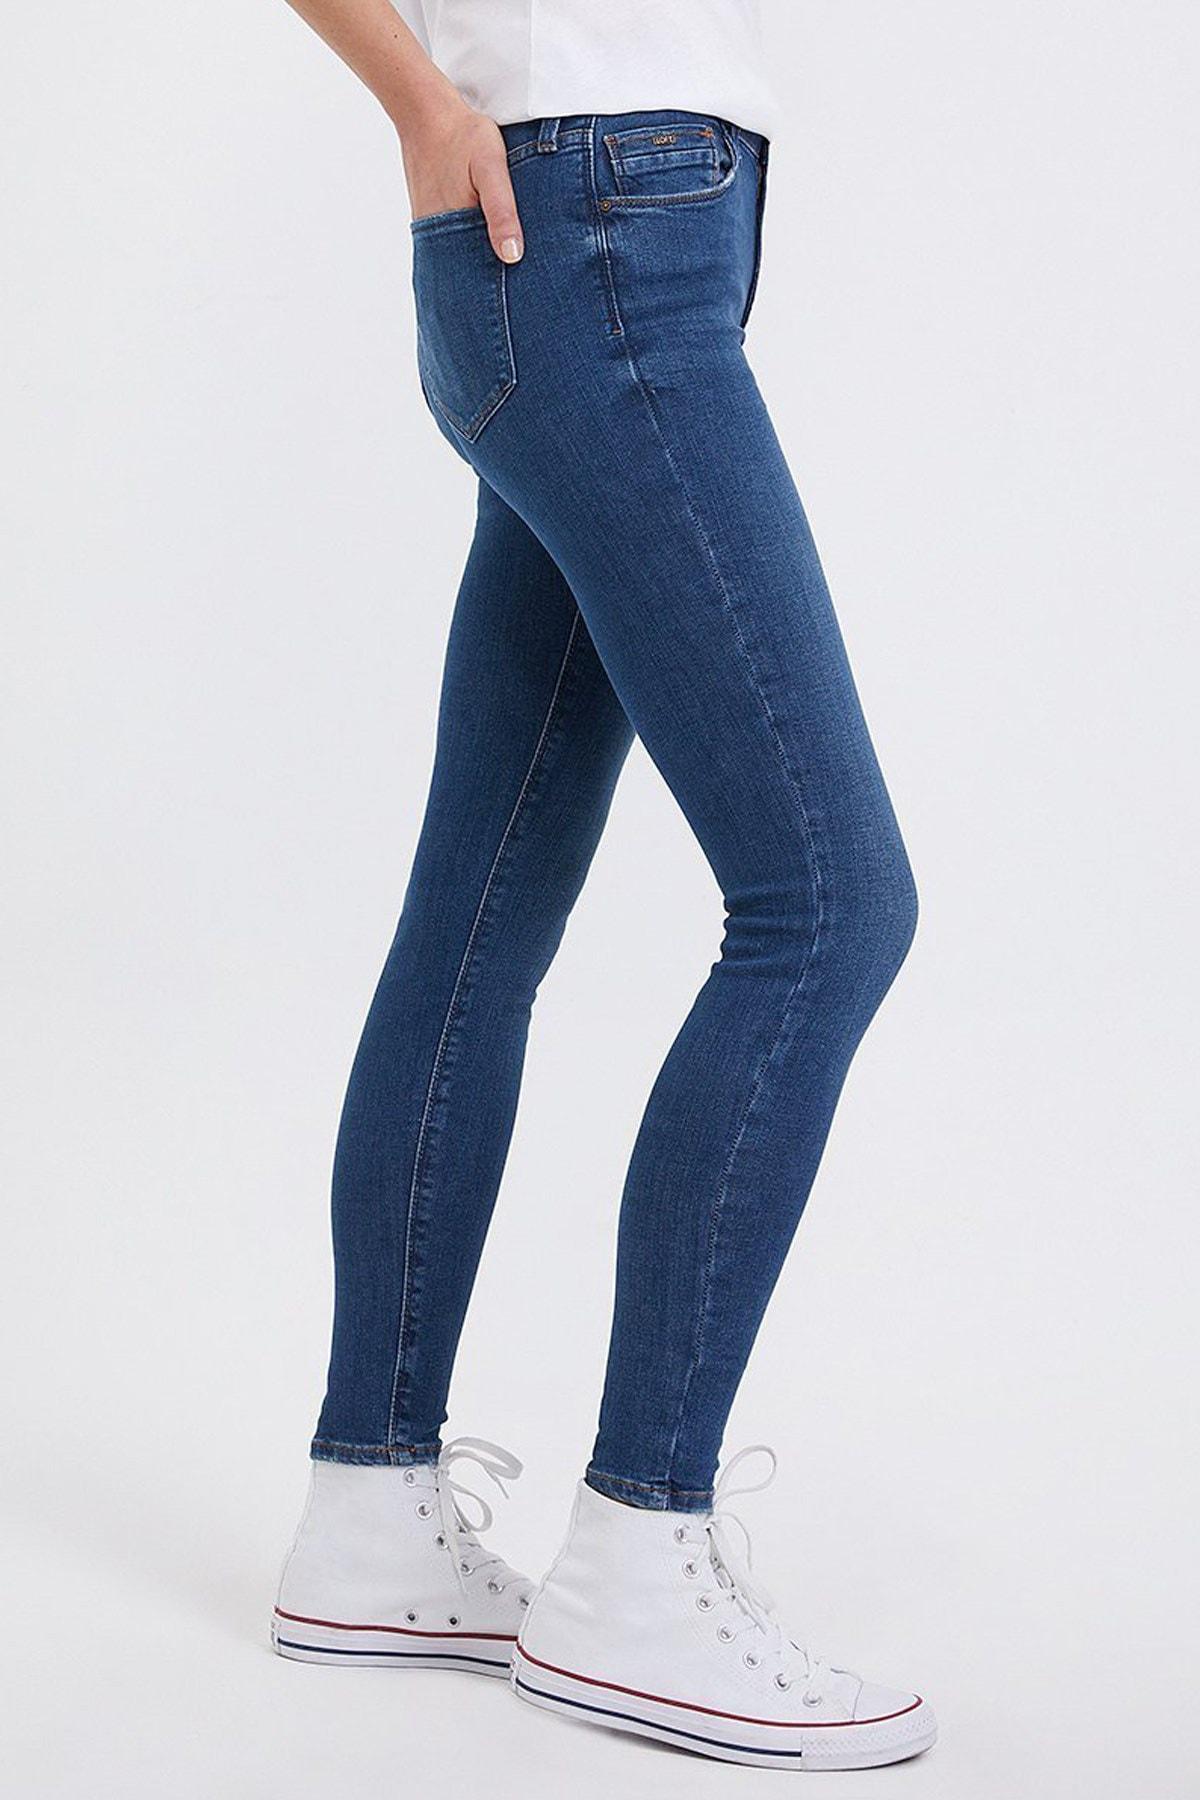 Loft Kadın Nicole Arya Jean Pantolon 2